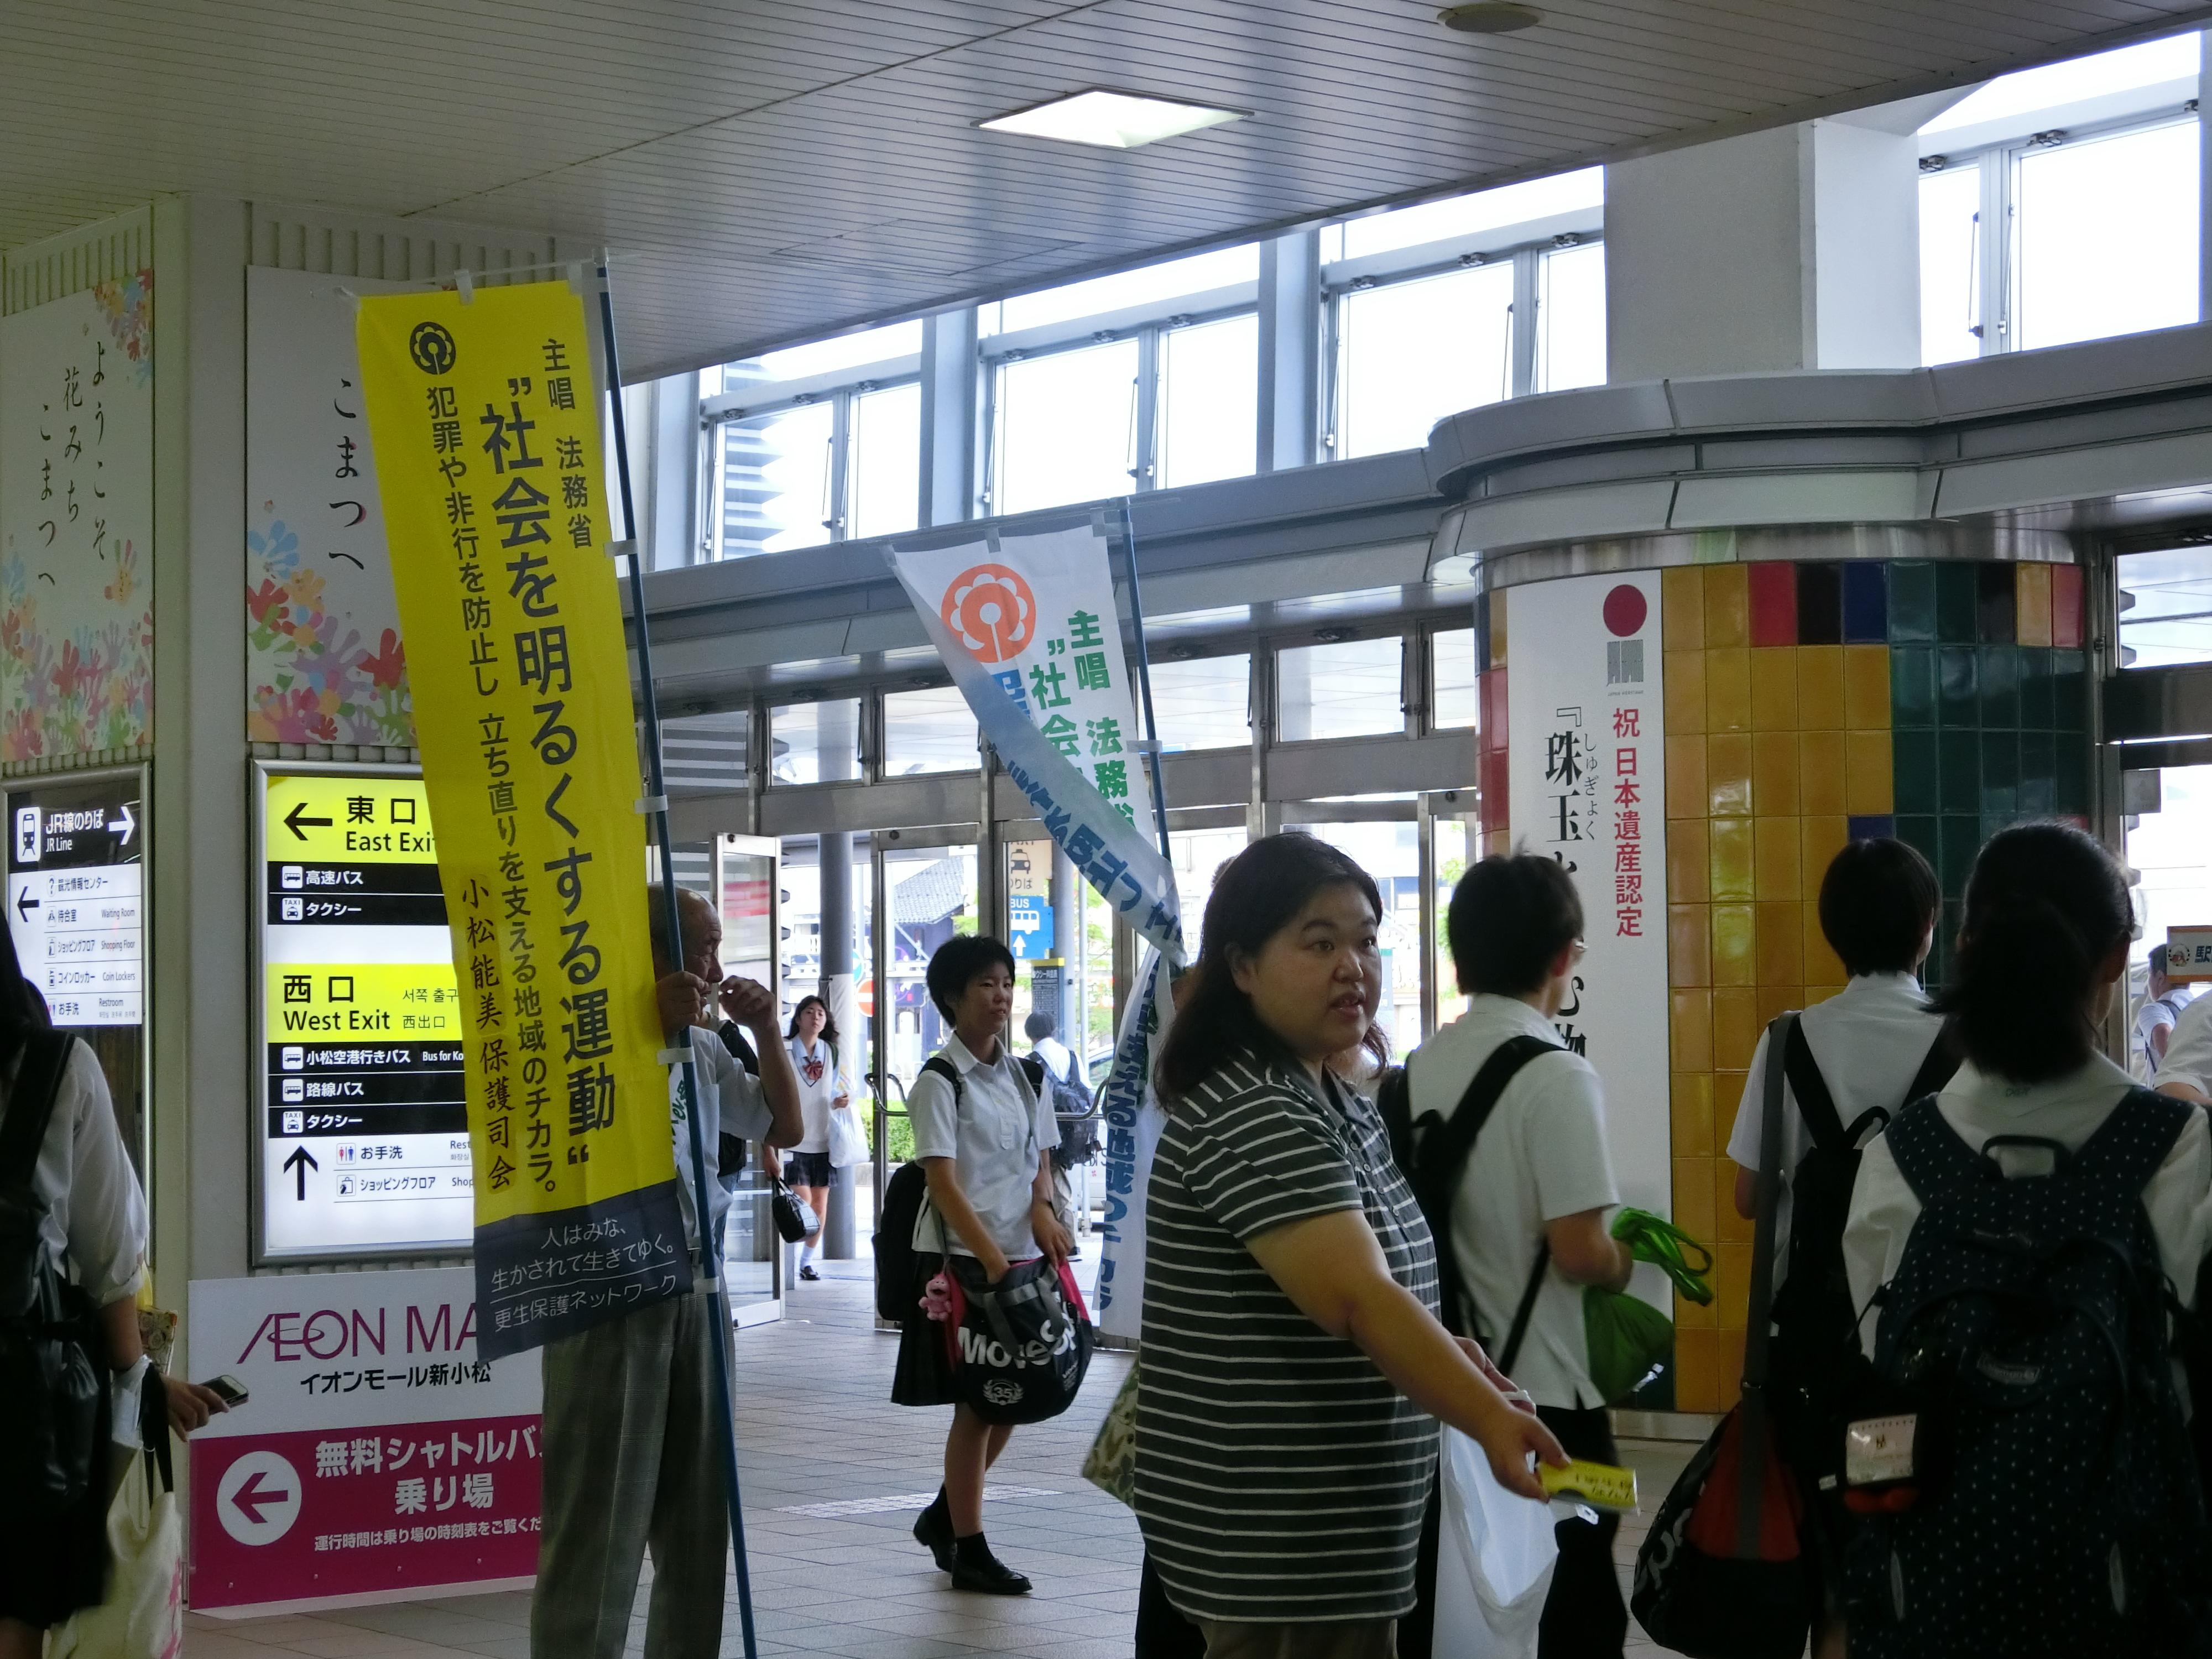 駅前街頭キャンペーンBBS会